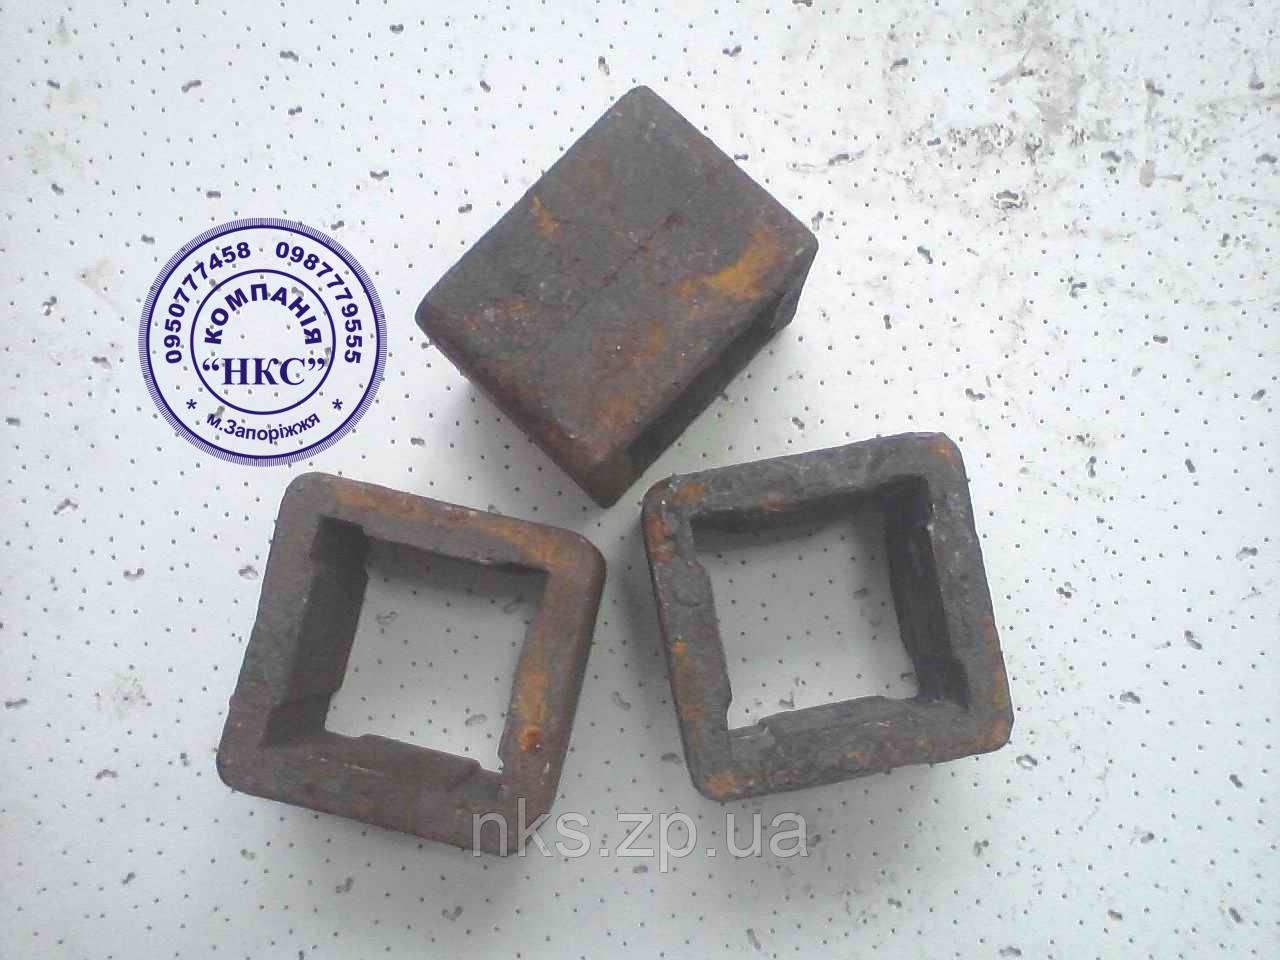 Втулка диска (квадрат) ДМТ.